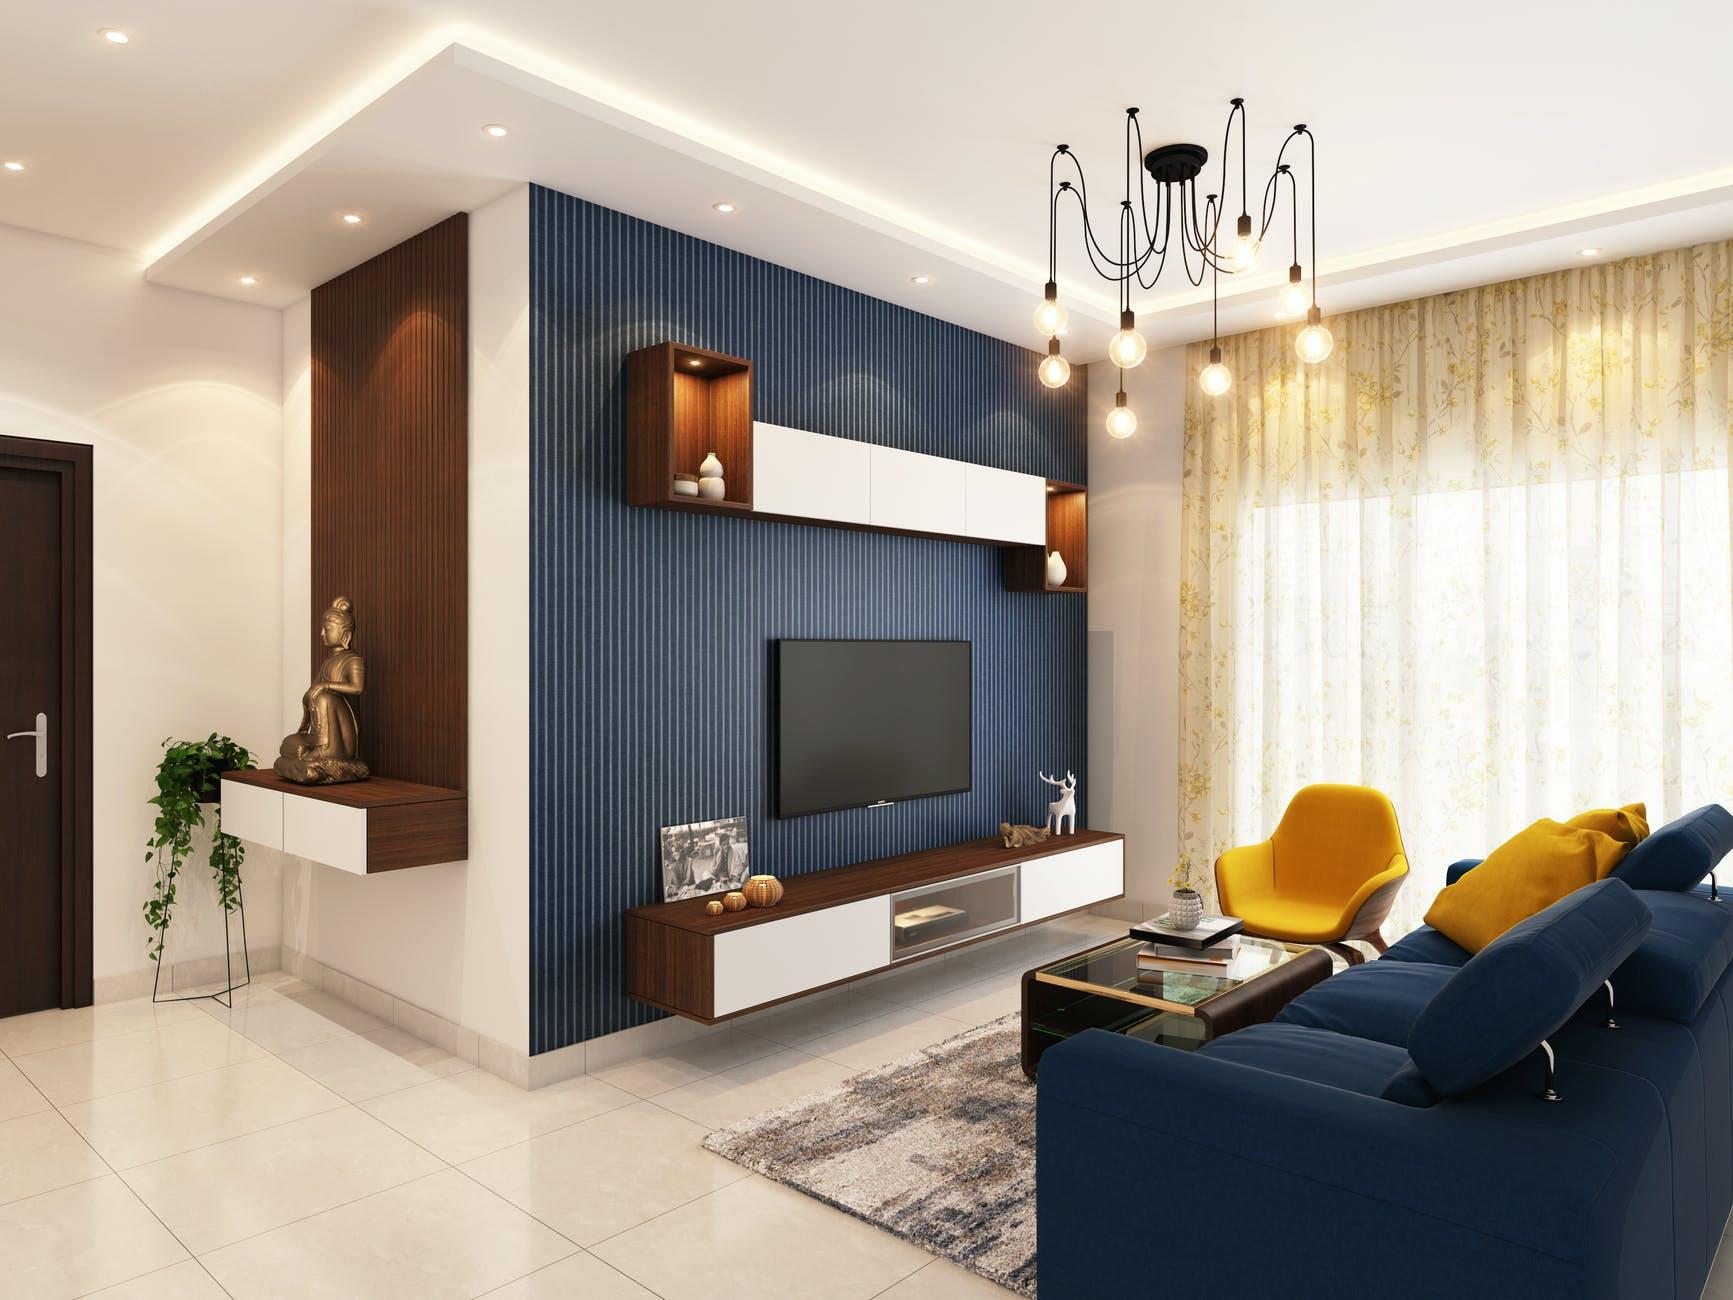 Inspirasi Lampu Gantung Modern Untuk Apartemen